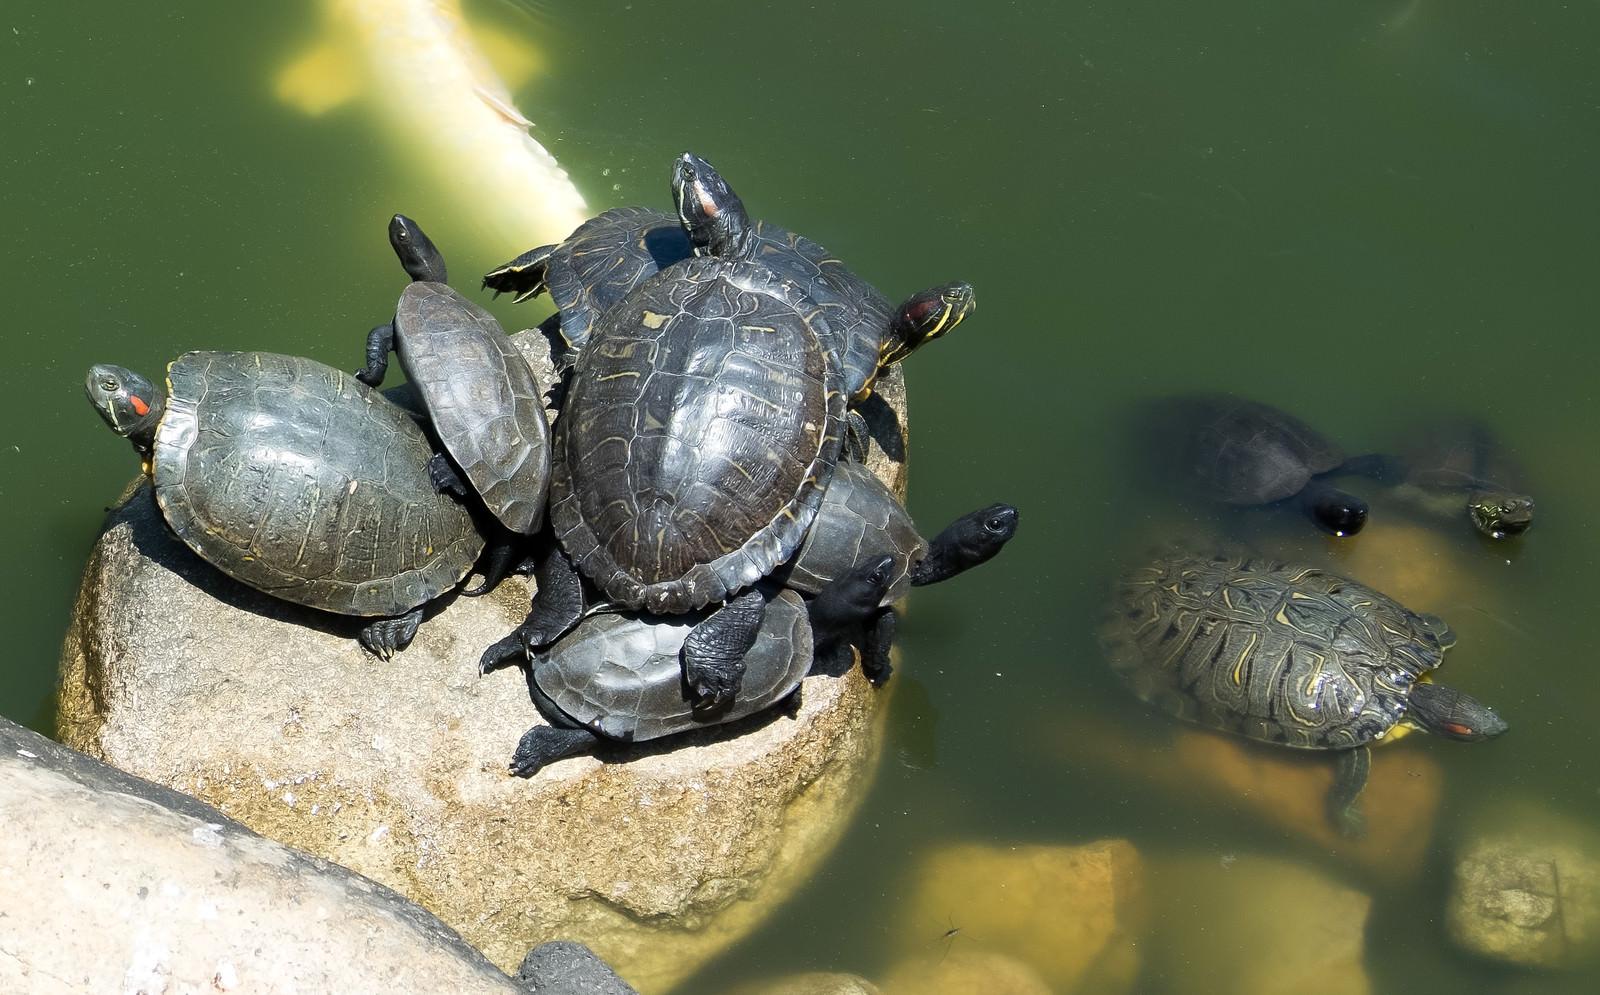 「甲羅干しスポットに集まりすぎる亀さん」の写真